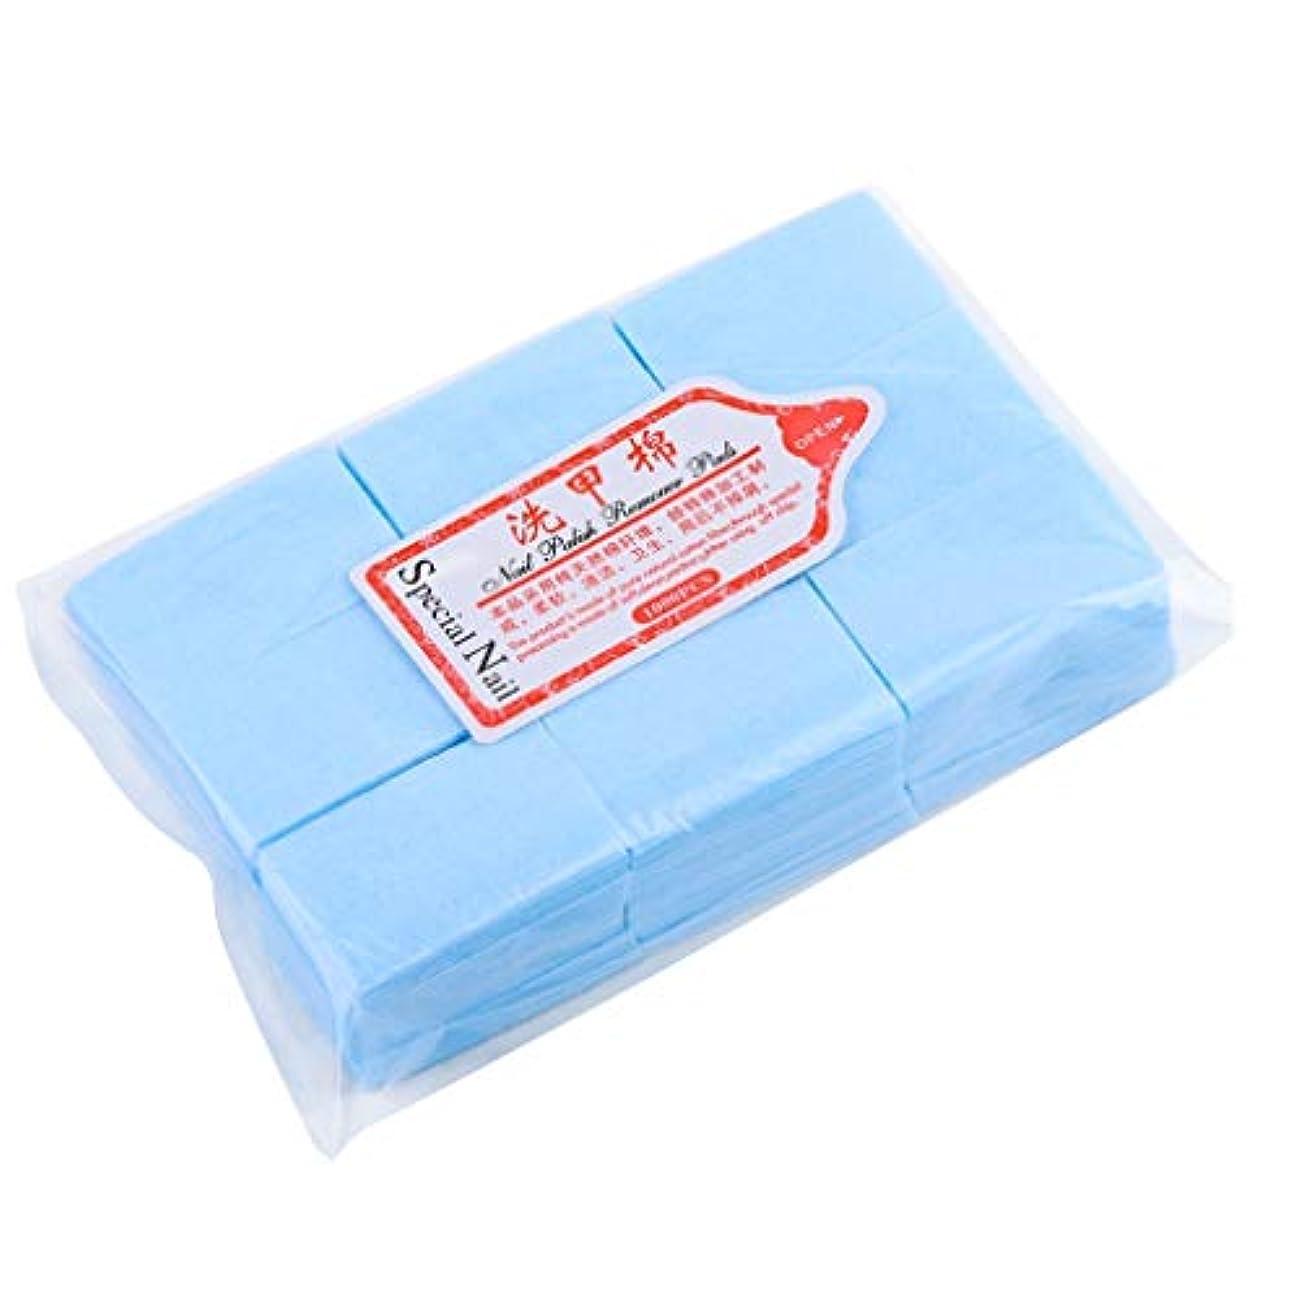 要件ファンド悪のPerfeclan ネイルワイプ コットンパッド 使い捨て ネイルポリッシュリムーバー パッド マニキュア 全4色 - ブルー